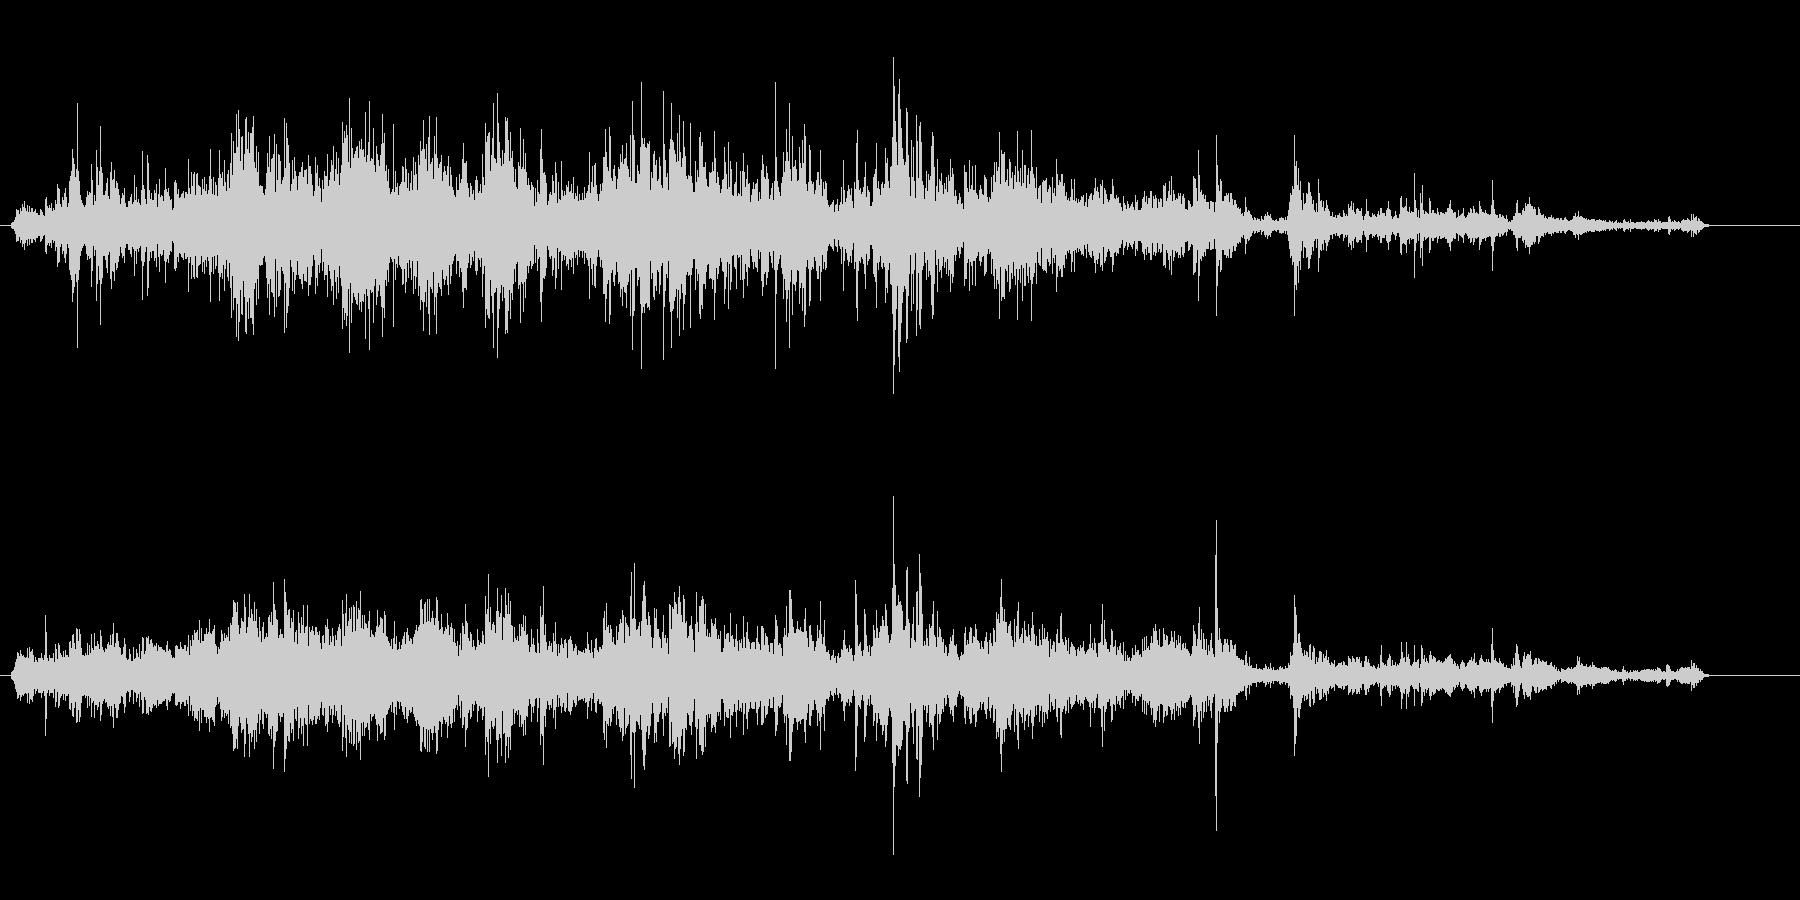 クシャクシャクシャ(紙のような効果音)の未再生の波形